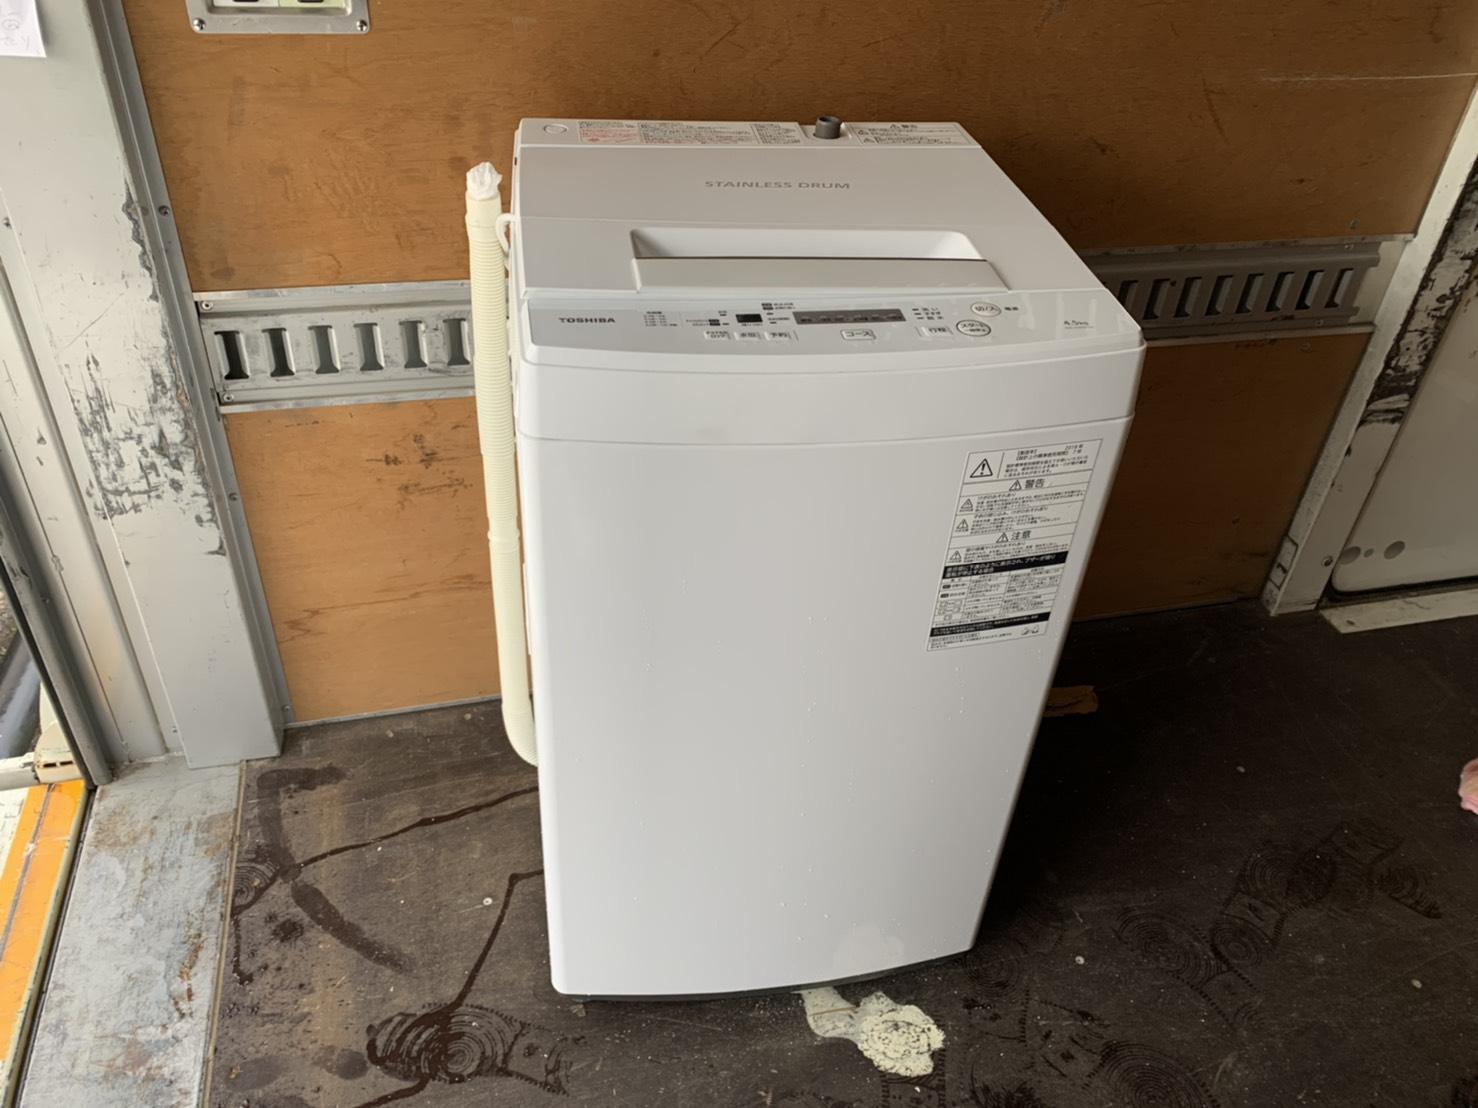 12/16★出張買取にて〈洗濯機・フィットネスバイク〉を買取させていただきました! #出張買取 #マンガ倉庫 #武雄店 #白物 #家電#買取 #家具 #重い★